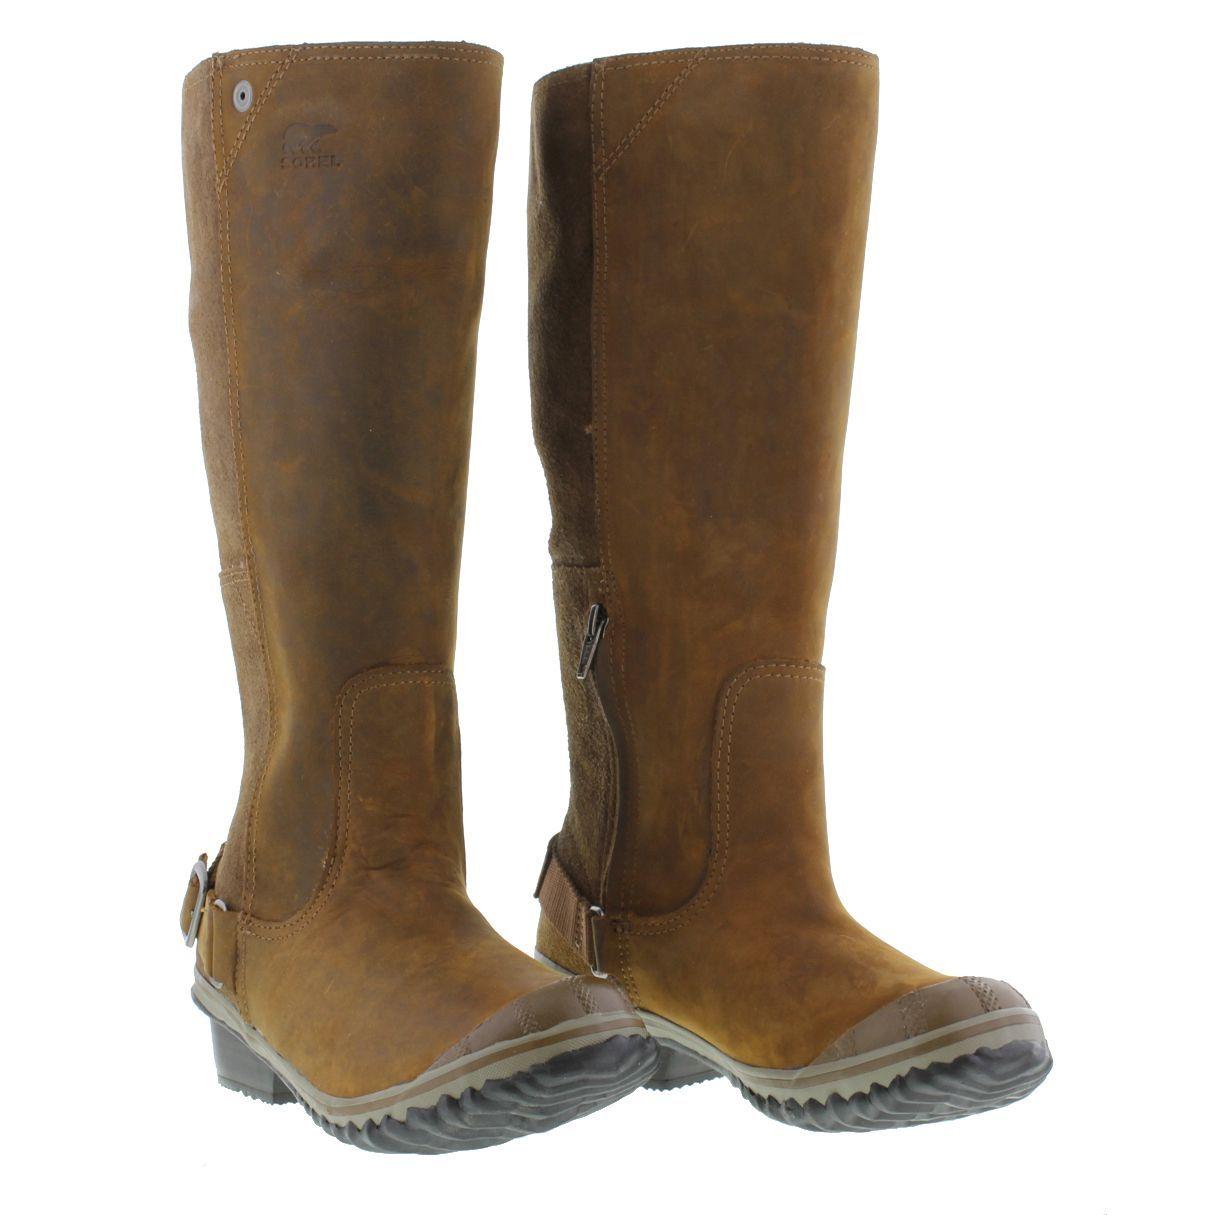 6eb534ec0b0 Sorel - Slimboot Waterproof - Nutmeg Coffee Bean Brown - Amazing ...